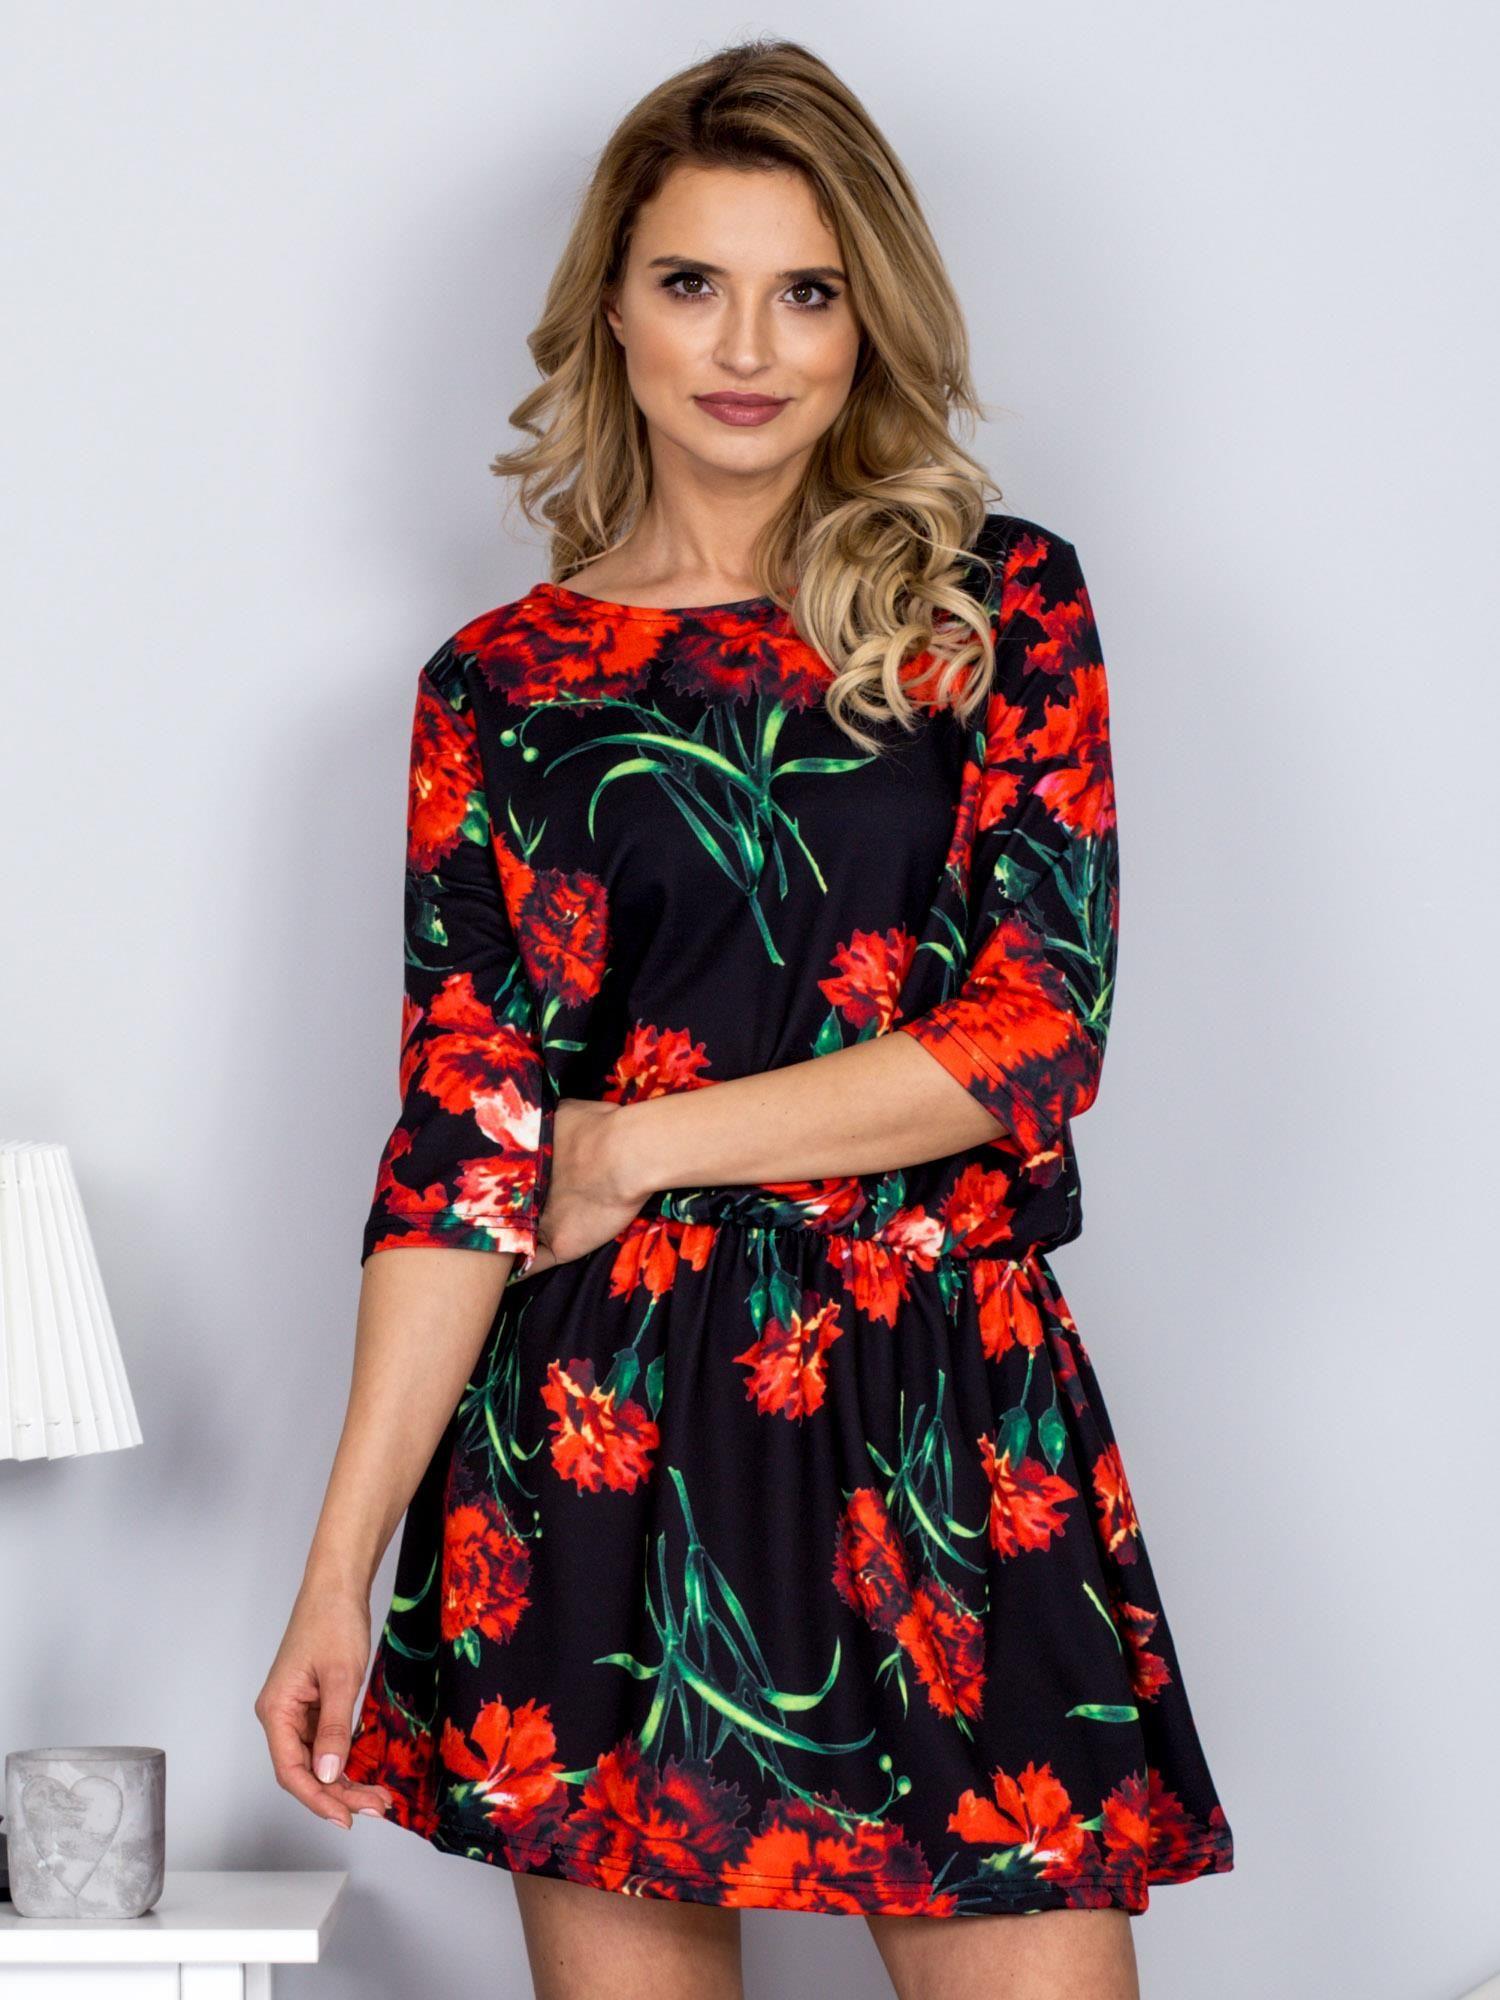 f151de1b79366f ... 7c82b5ab98 Czarna sukienka w czerwone kwiaty - Sukienka koktajlowa -  sklep .